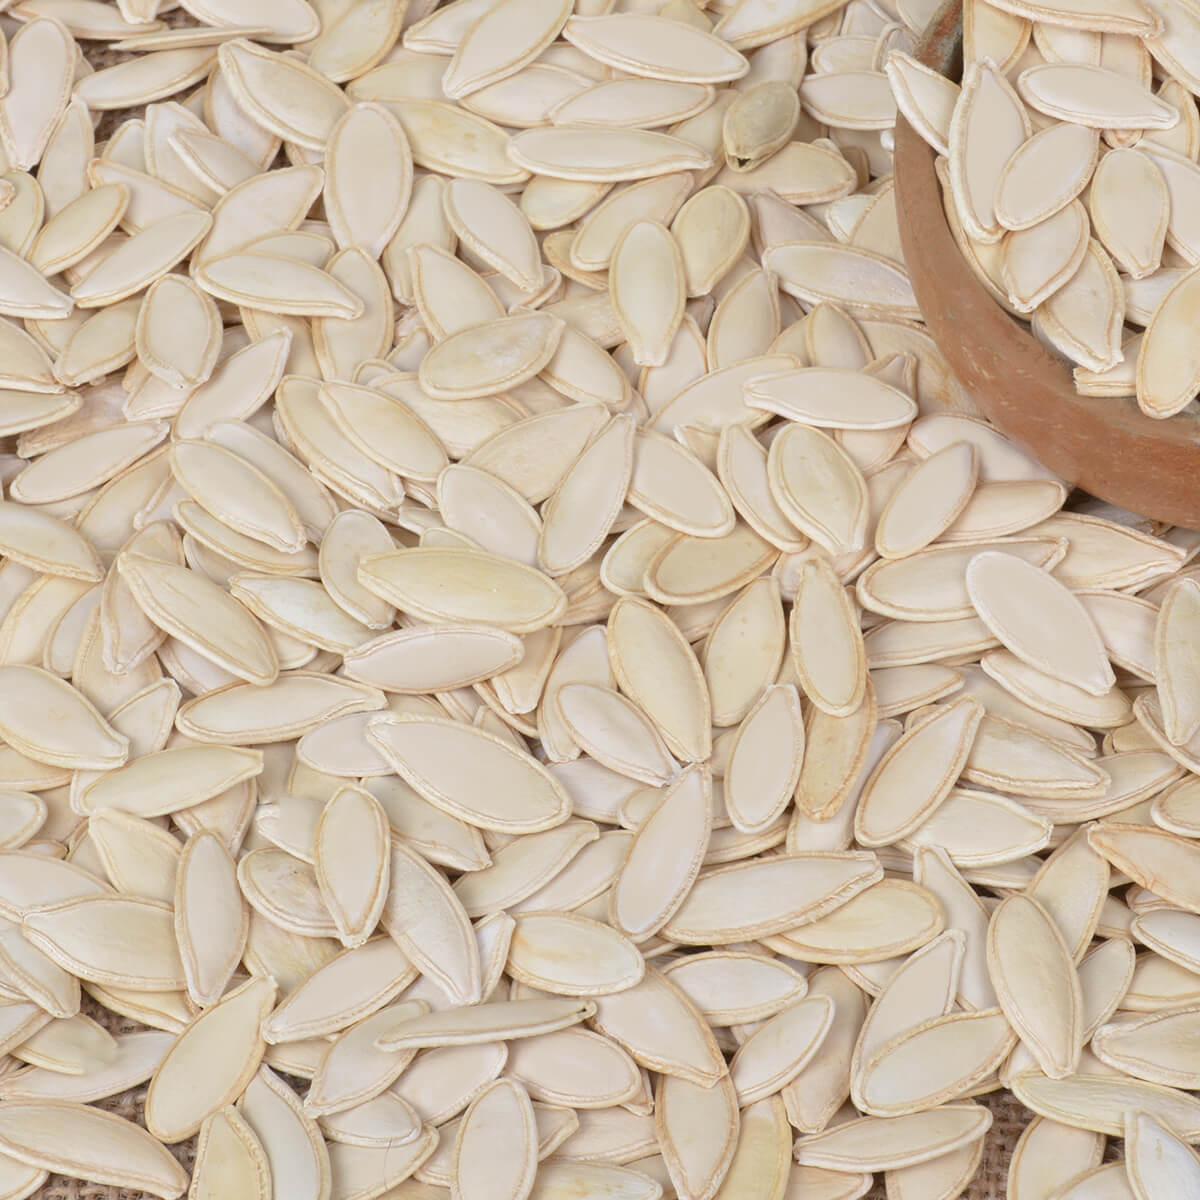 sharp-pumpkin-seeds-033